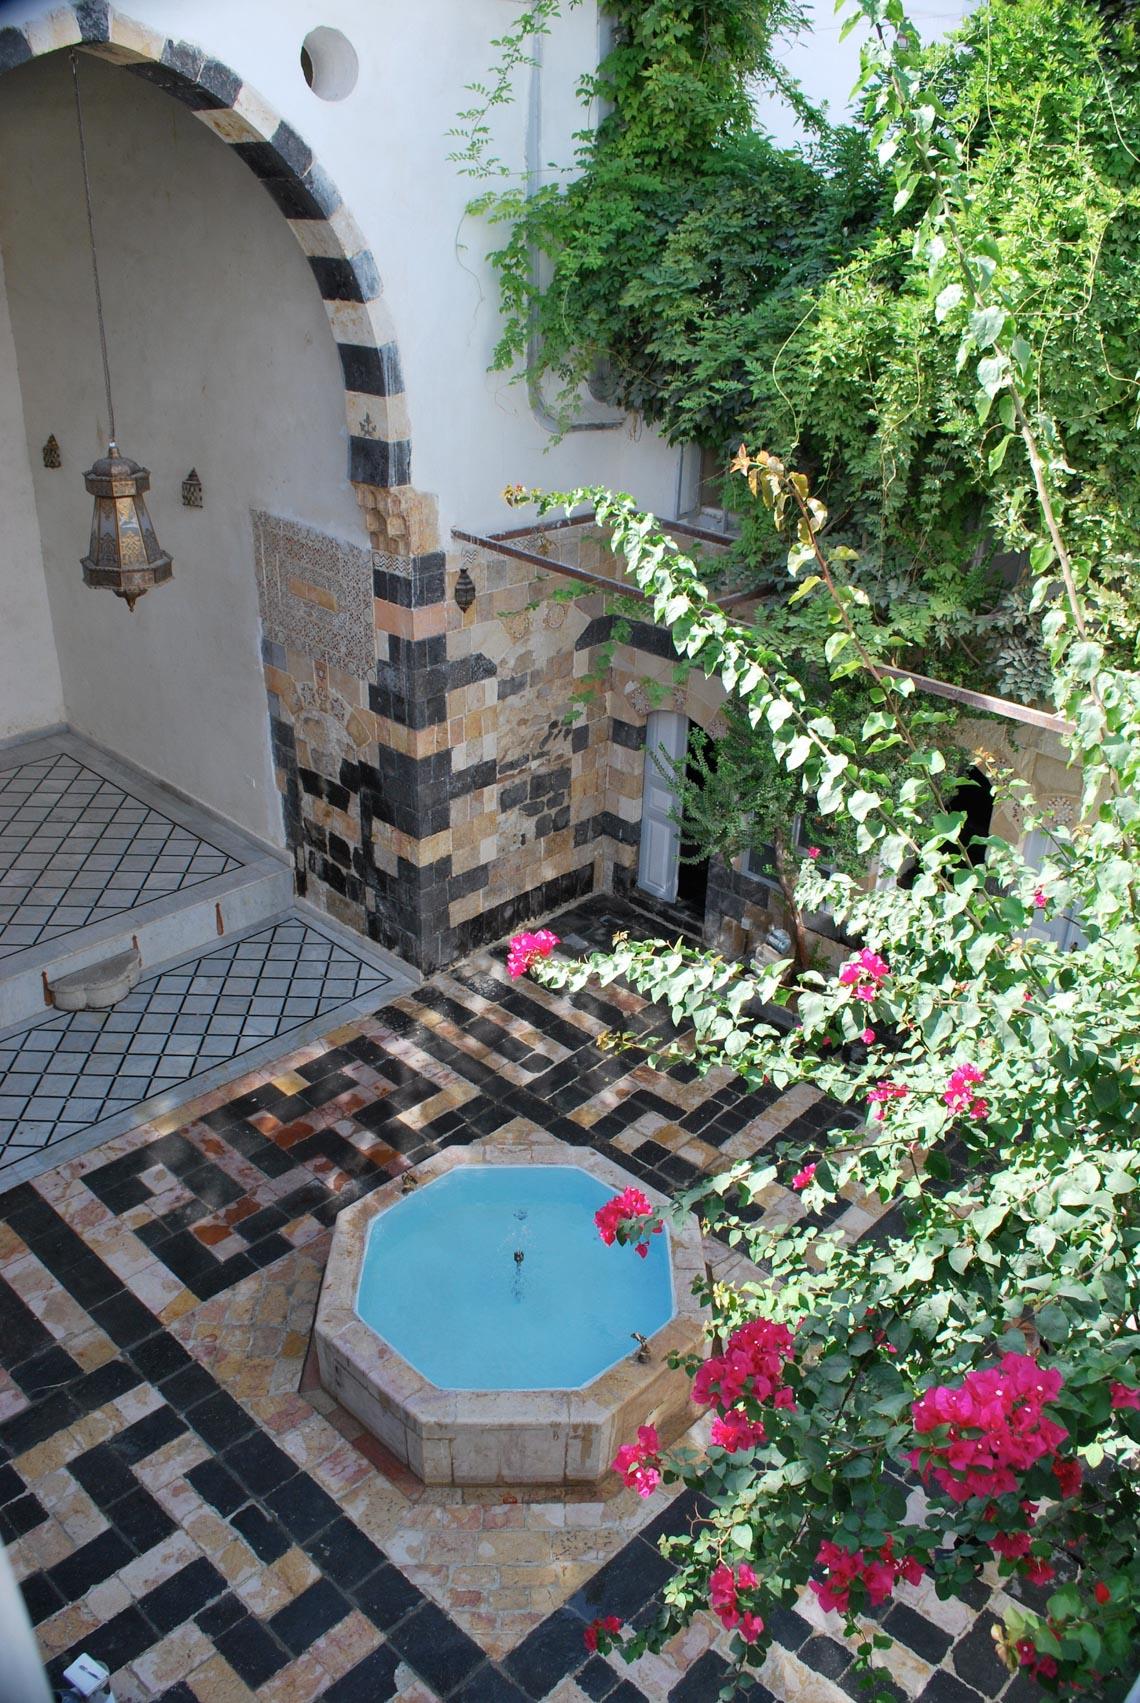 Nhà cổ truyền Syria, mát rượi và bình yên -9